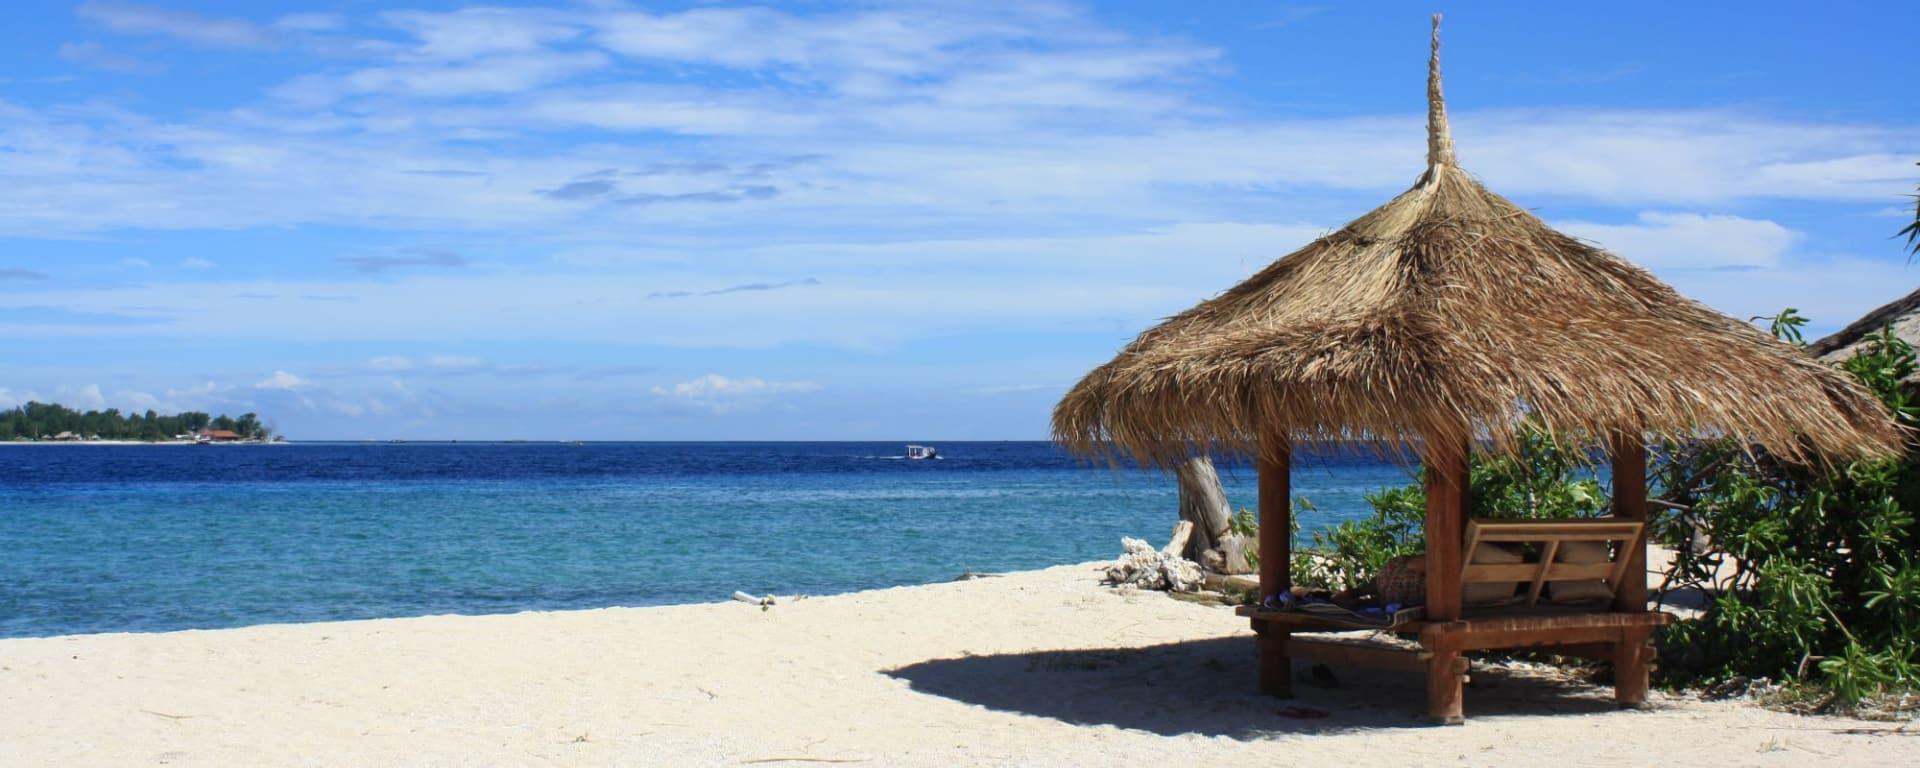 Mahamaya in Gili: beach baruga